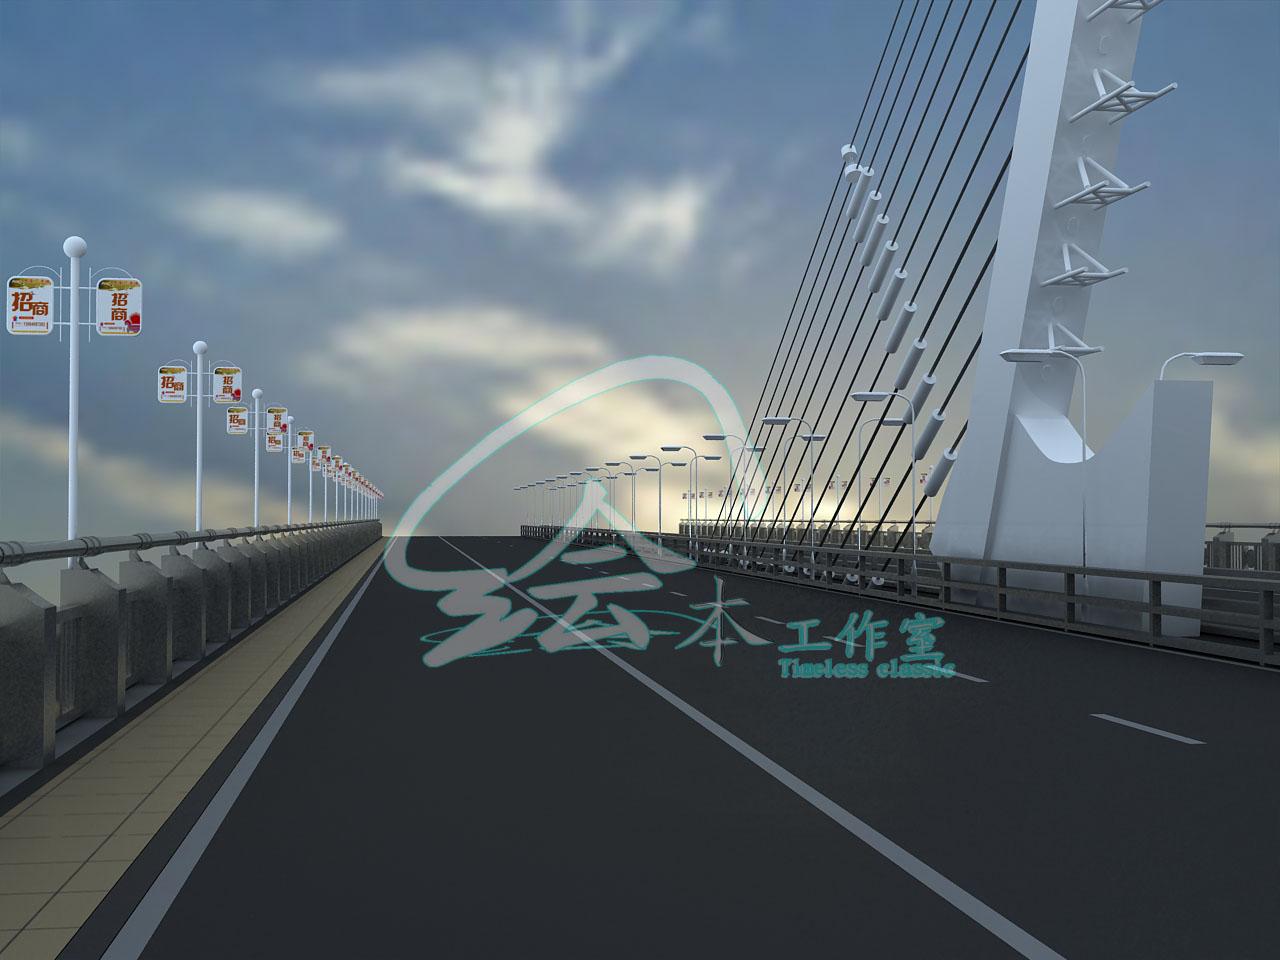 超简单手工小制作桥